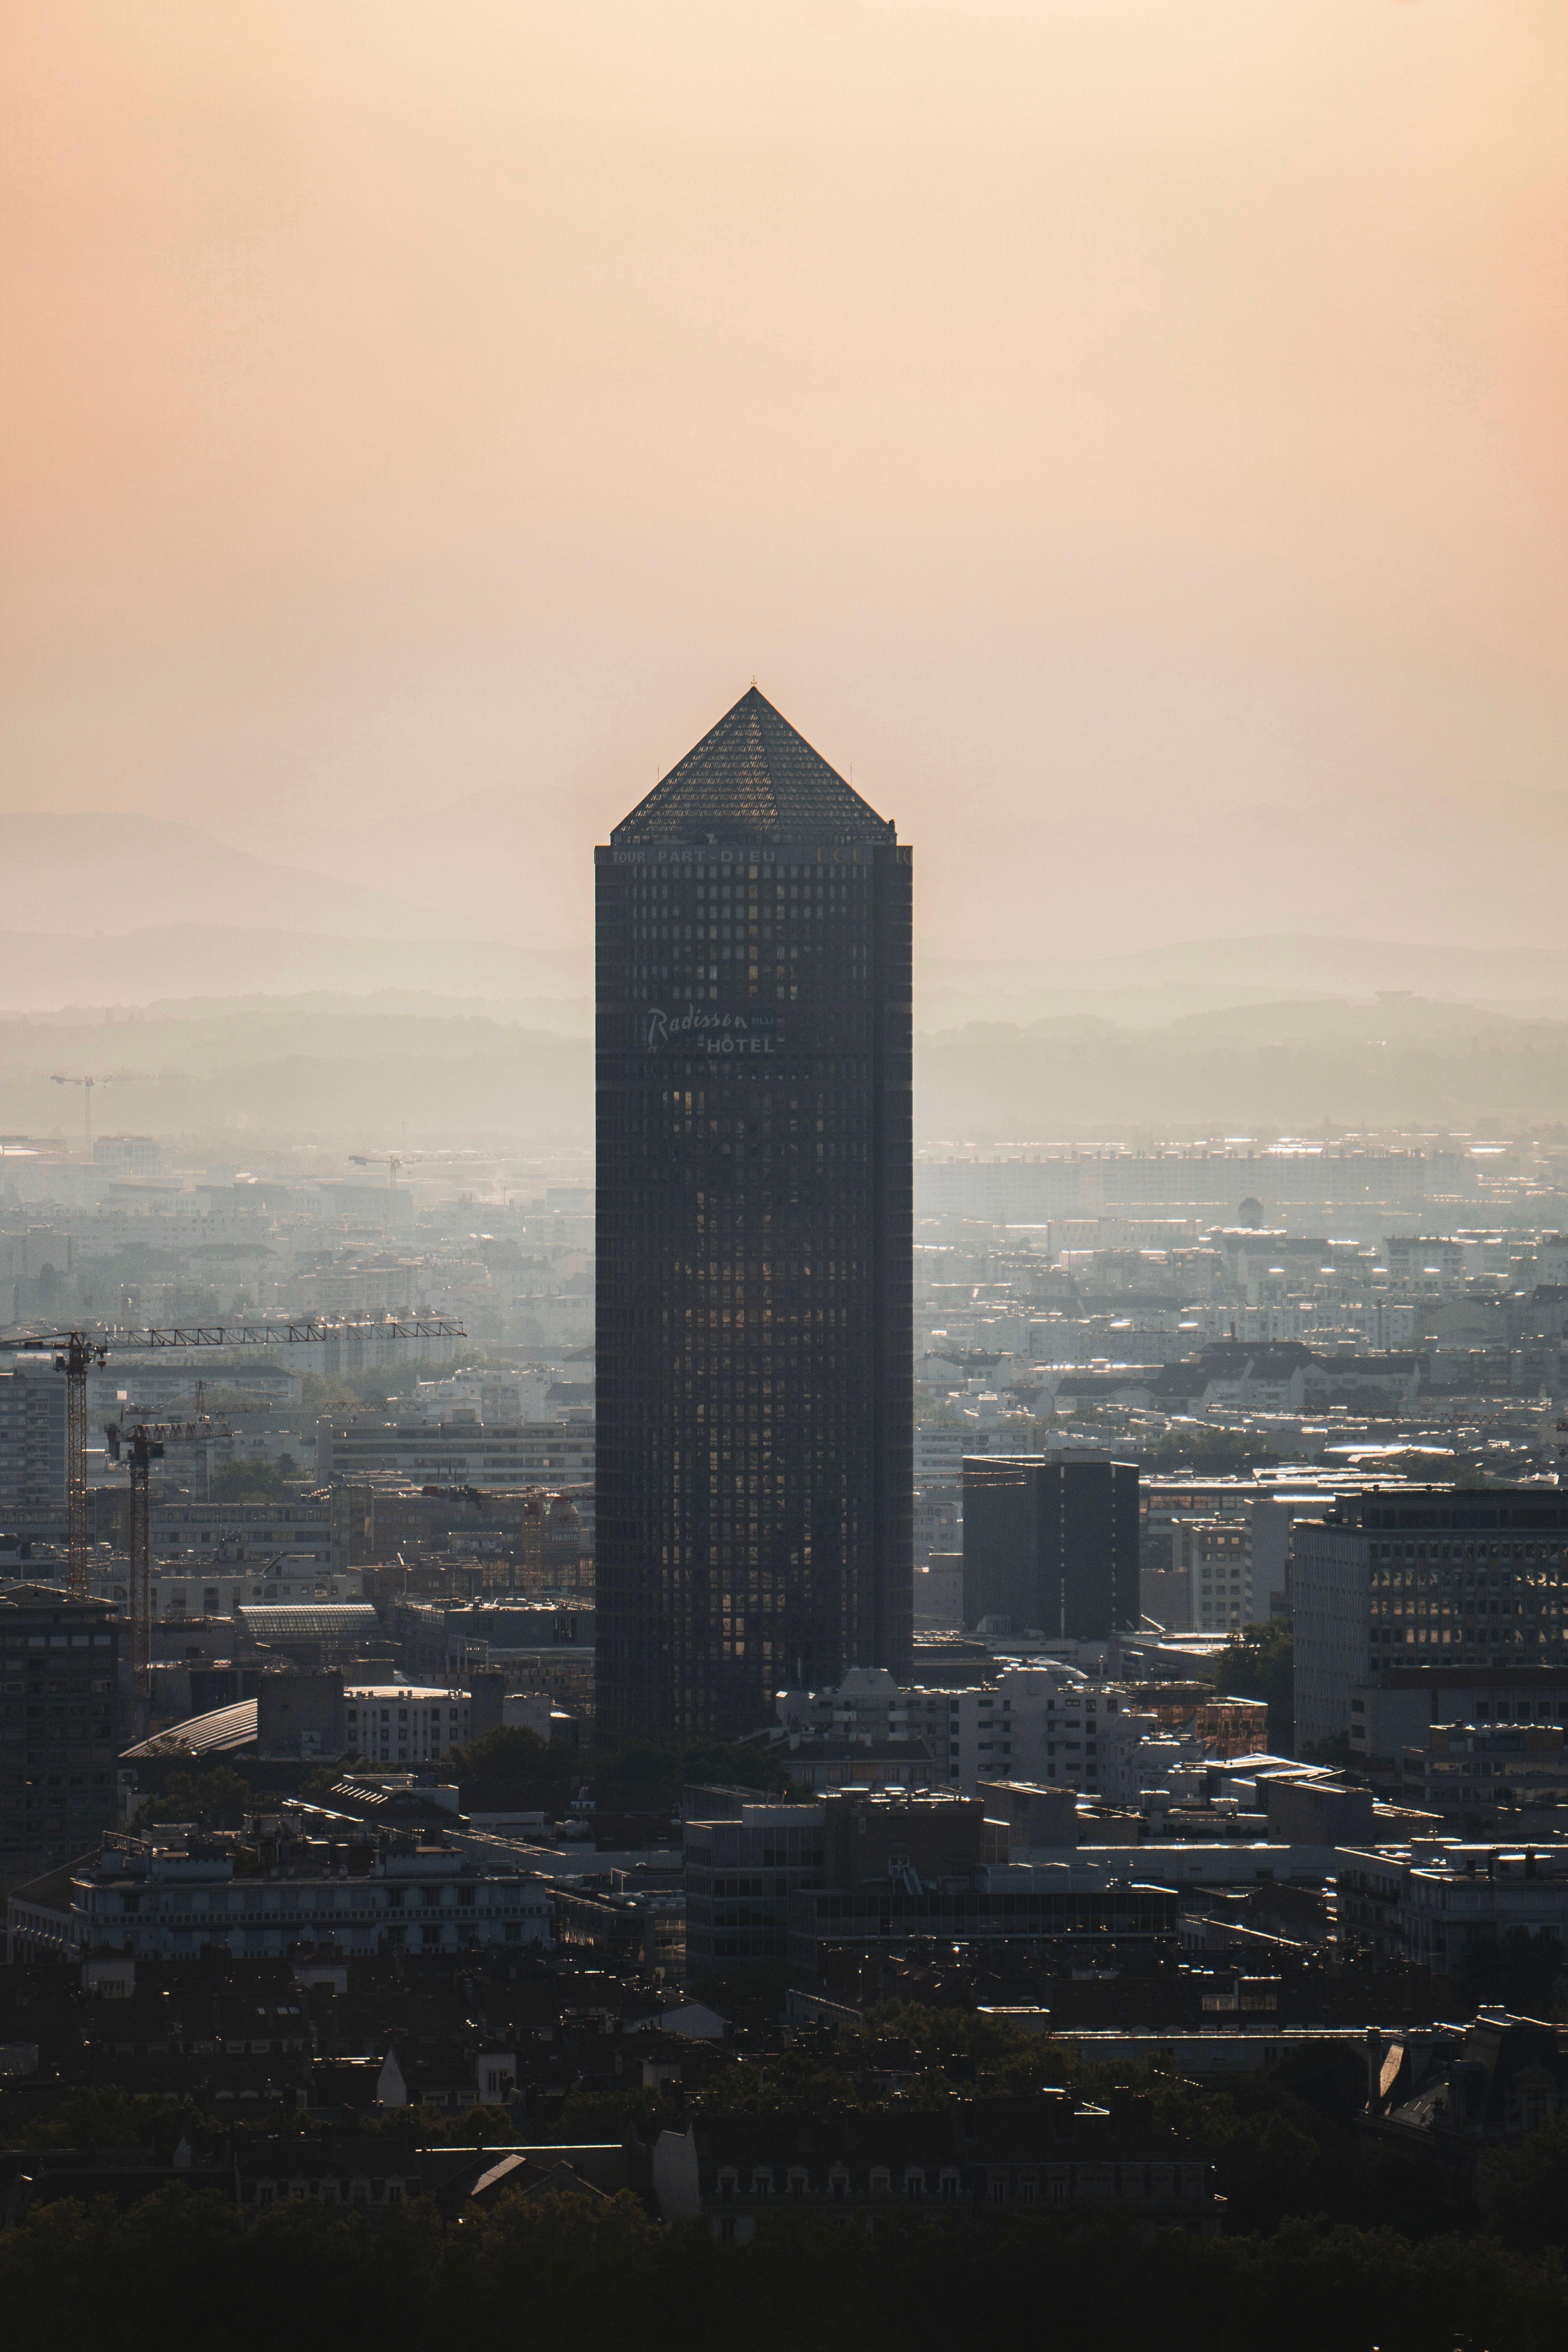 145693壁紙のダウンロード建物, 超高層ビル, 市, 都市, 霧, アーキテクチャ-スクリーンセーバーと写真を無料で